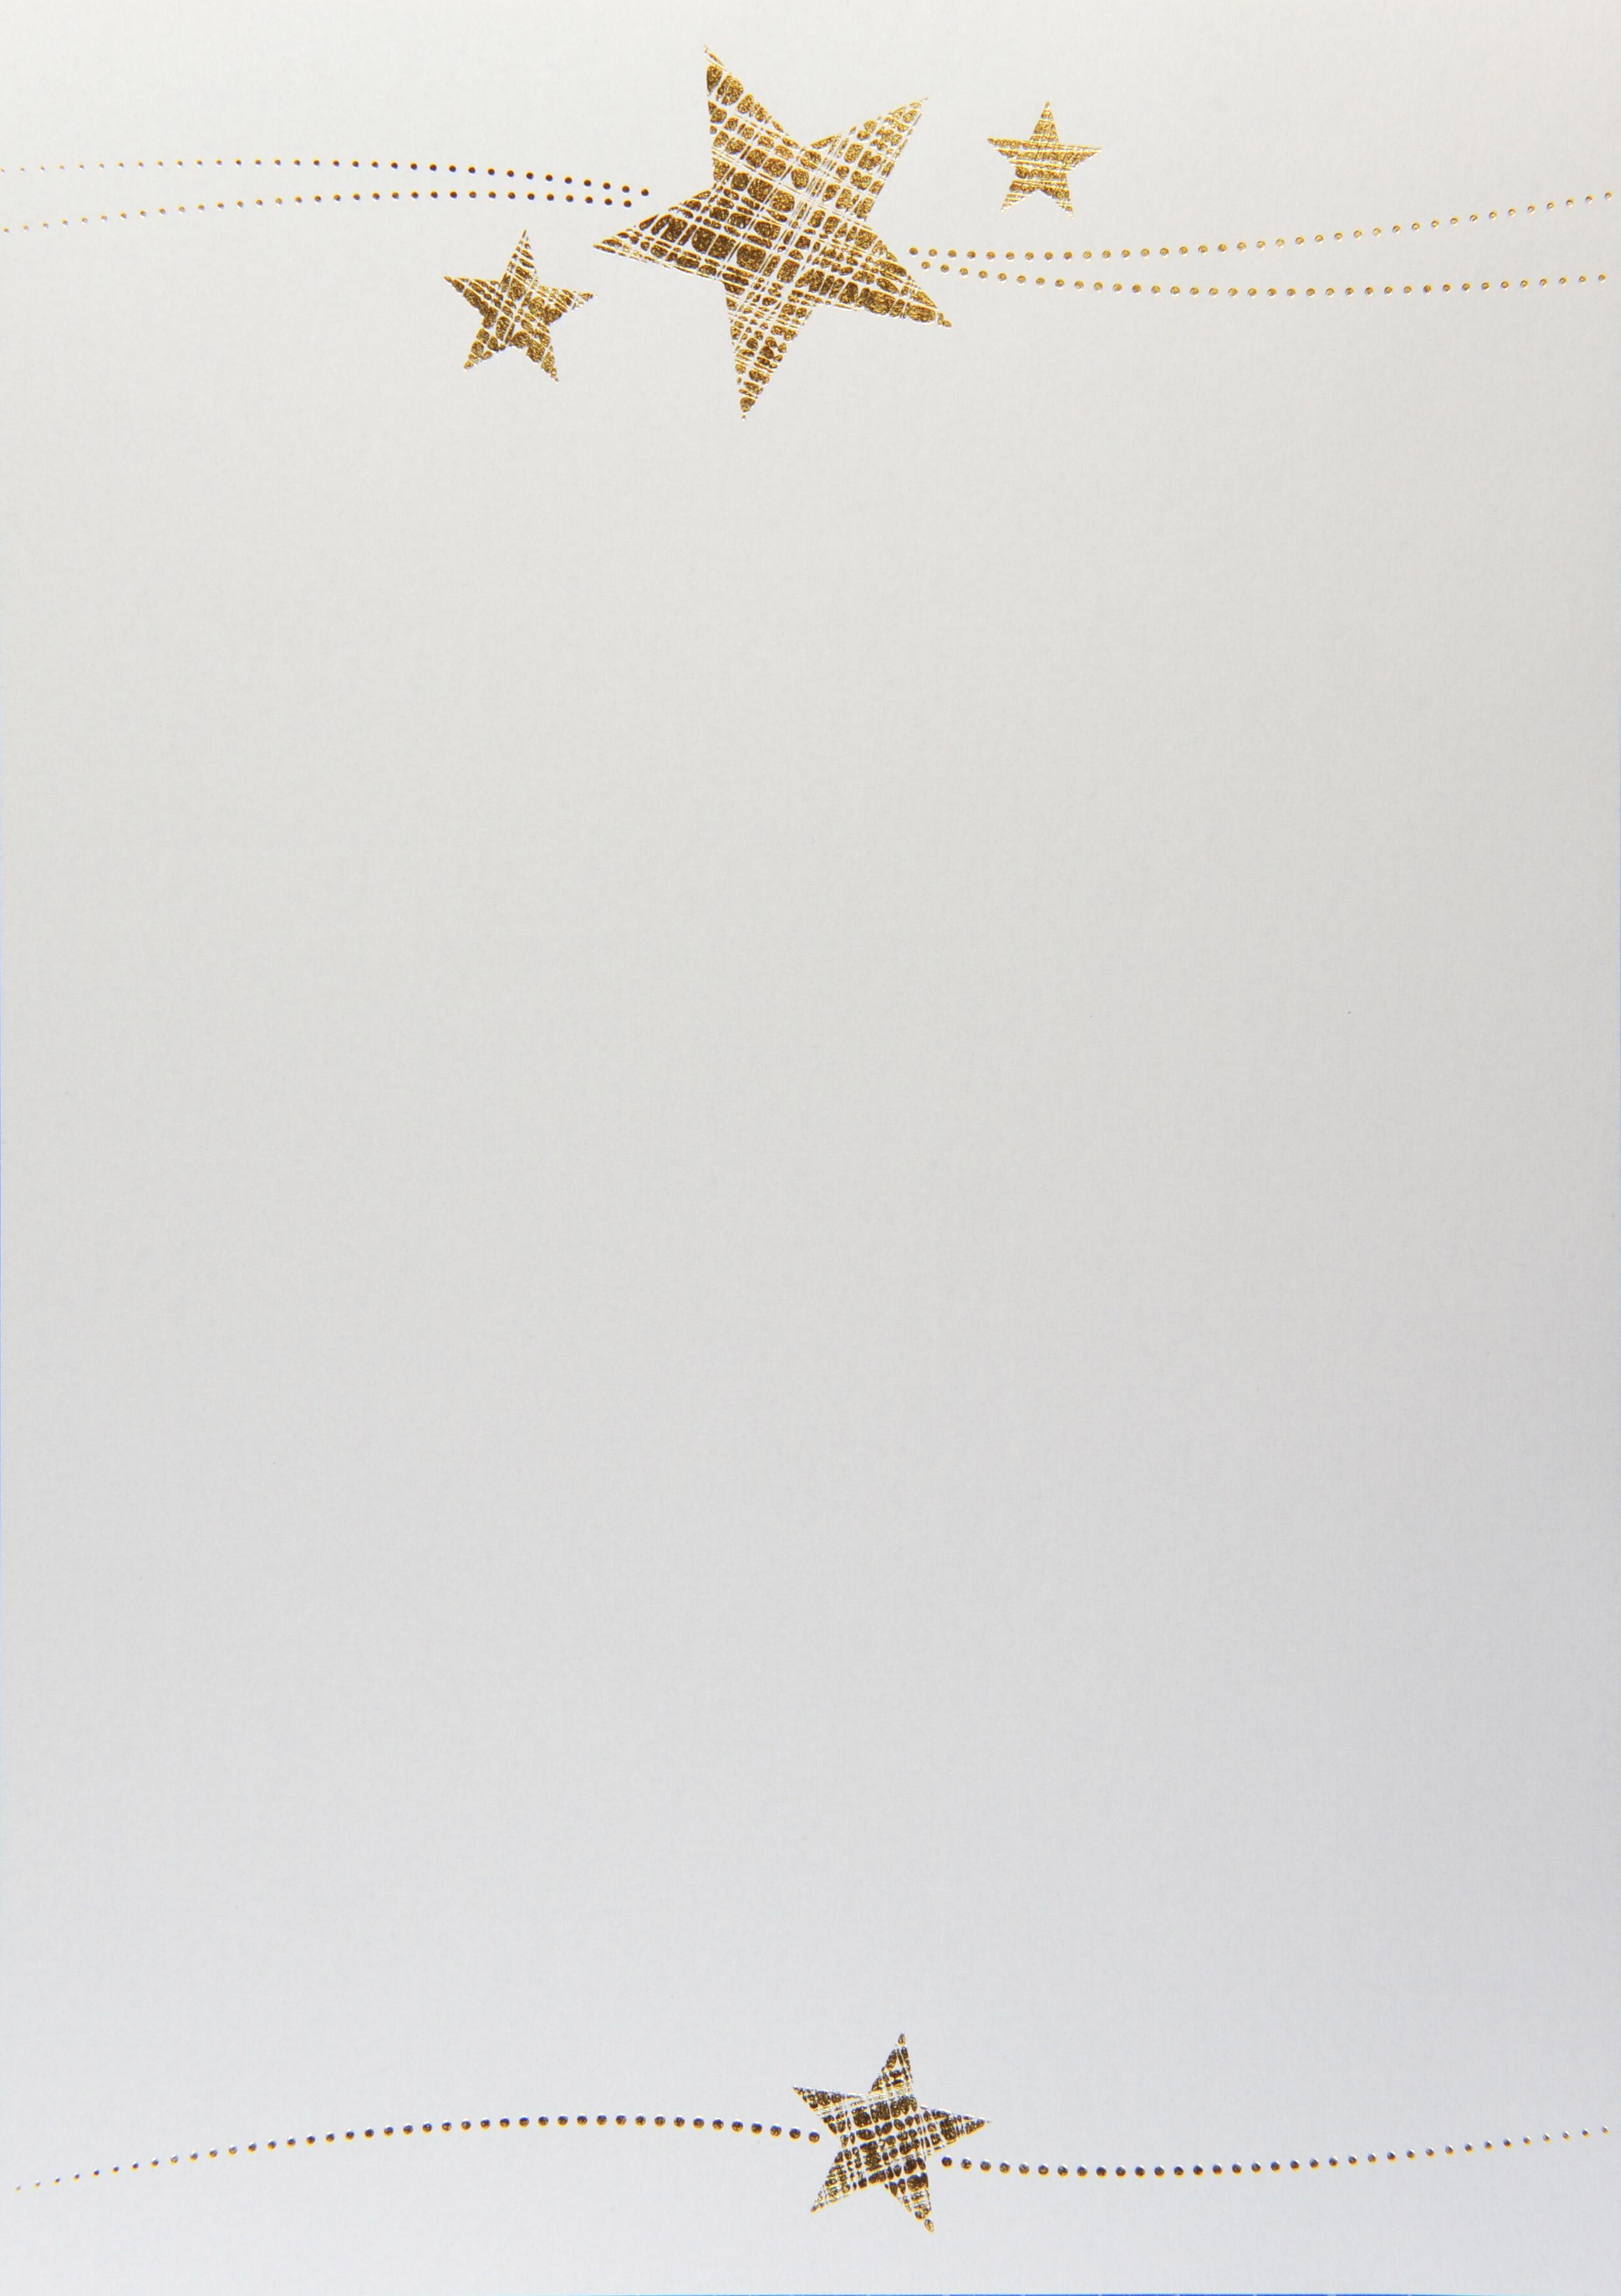 Weihnachts-Briefpapier Sterne für individuelle Grüße und Gedanken ...